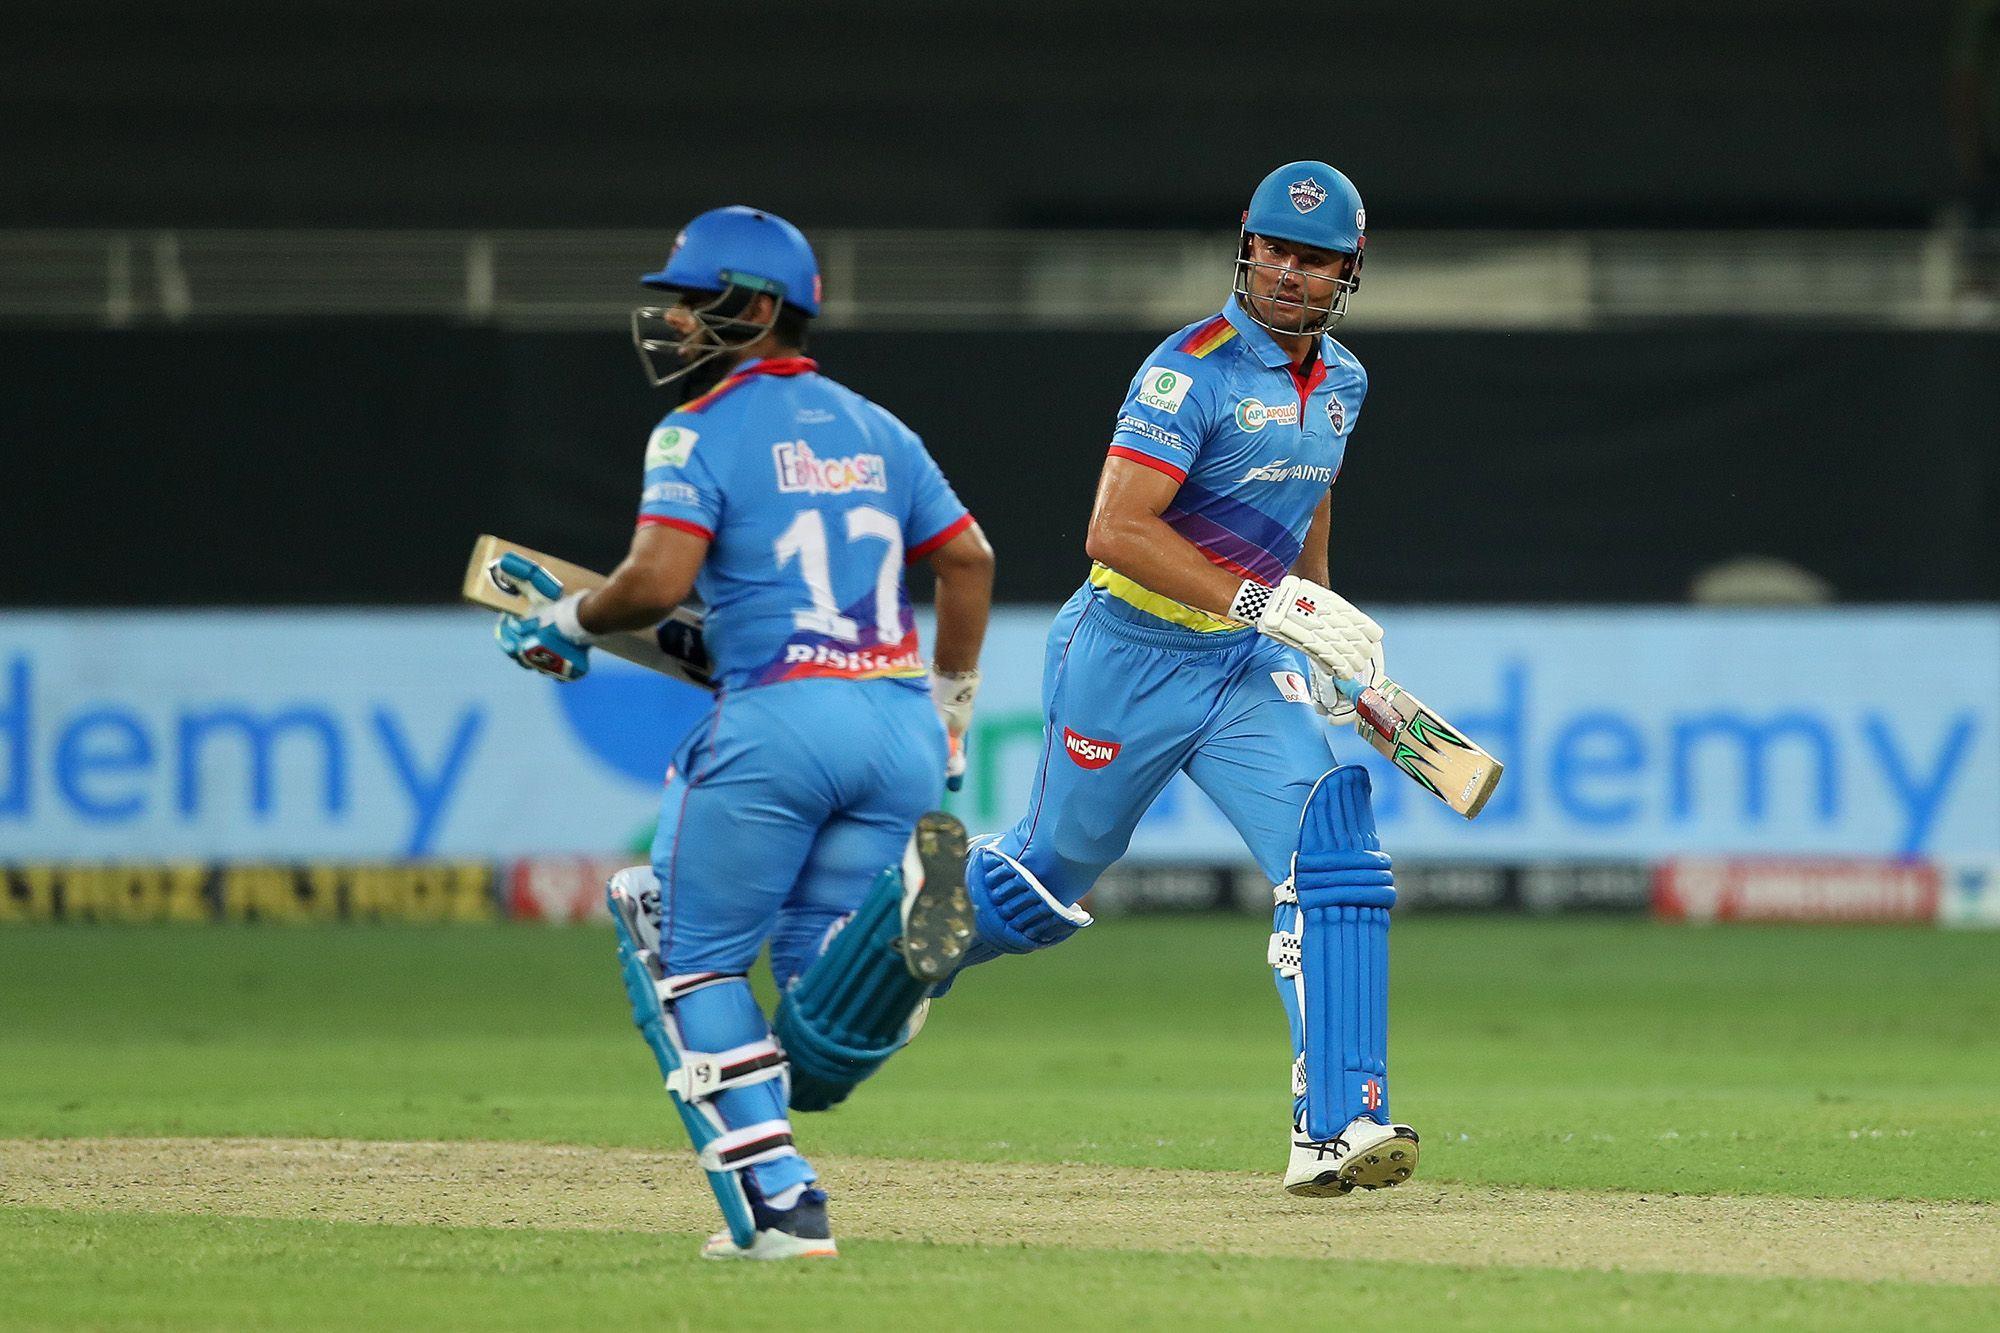 IPL 2020: अजिंक्य रहाणे को लेकर दिल्ली कैपिटल्स ने दिया बड़ा बयान, टीम में रहेंगे या नहीं? 2